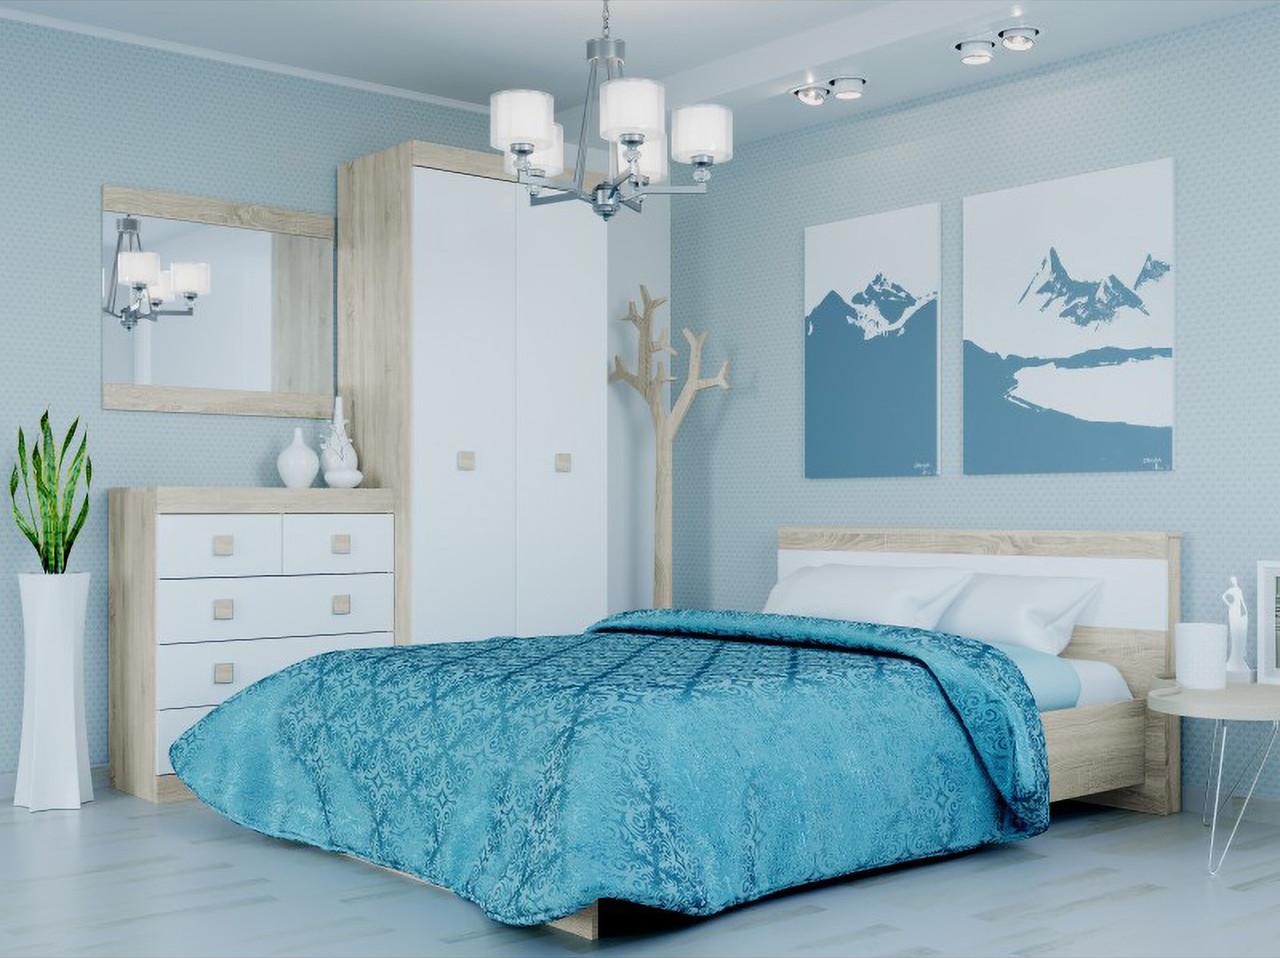 Спальня комплект 2 ЭВЕРЕСТ Венге темный + Белый, фото 2